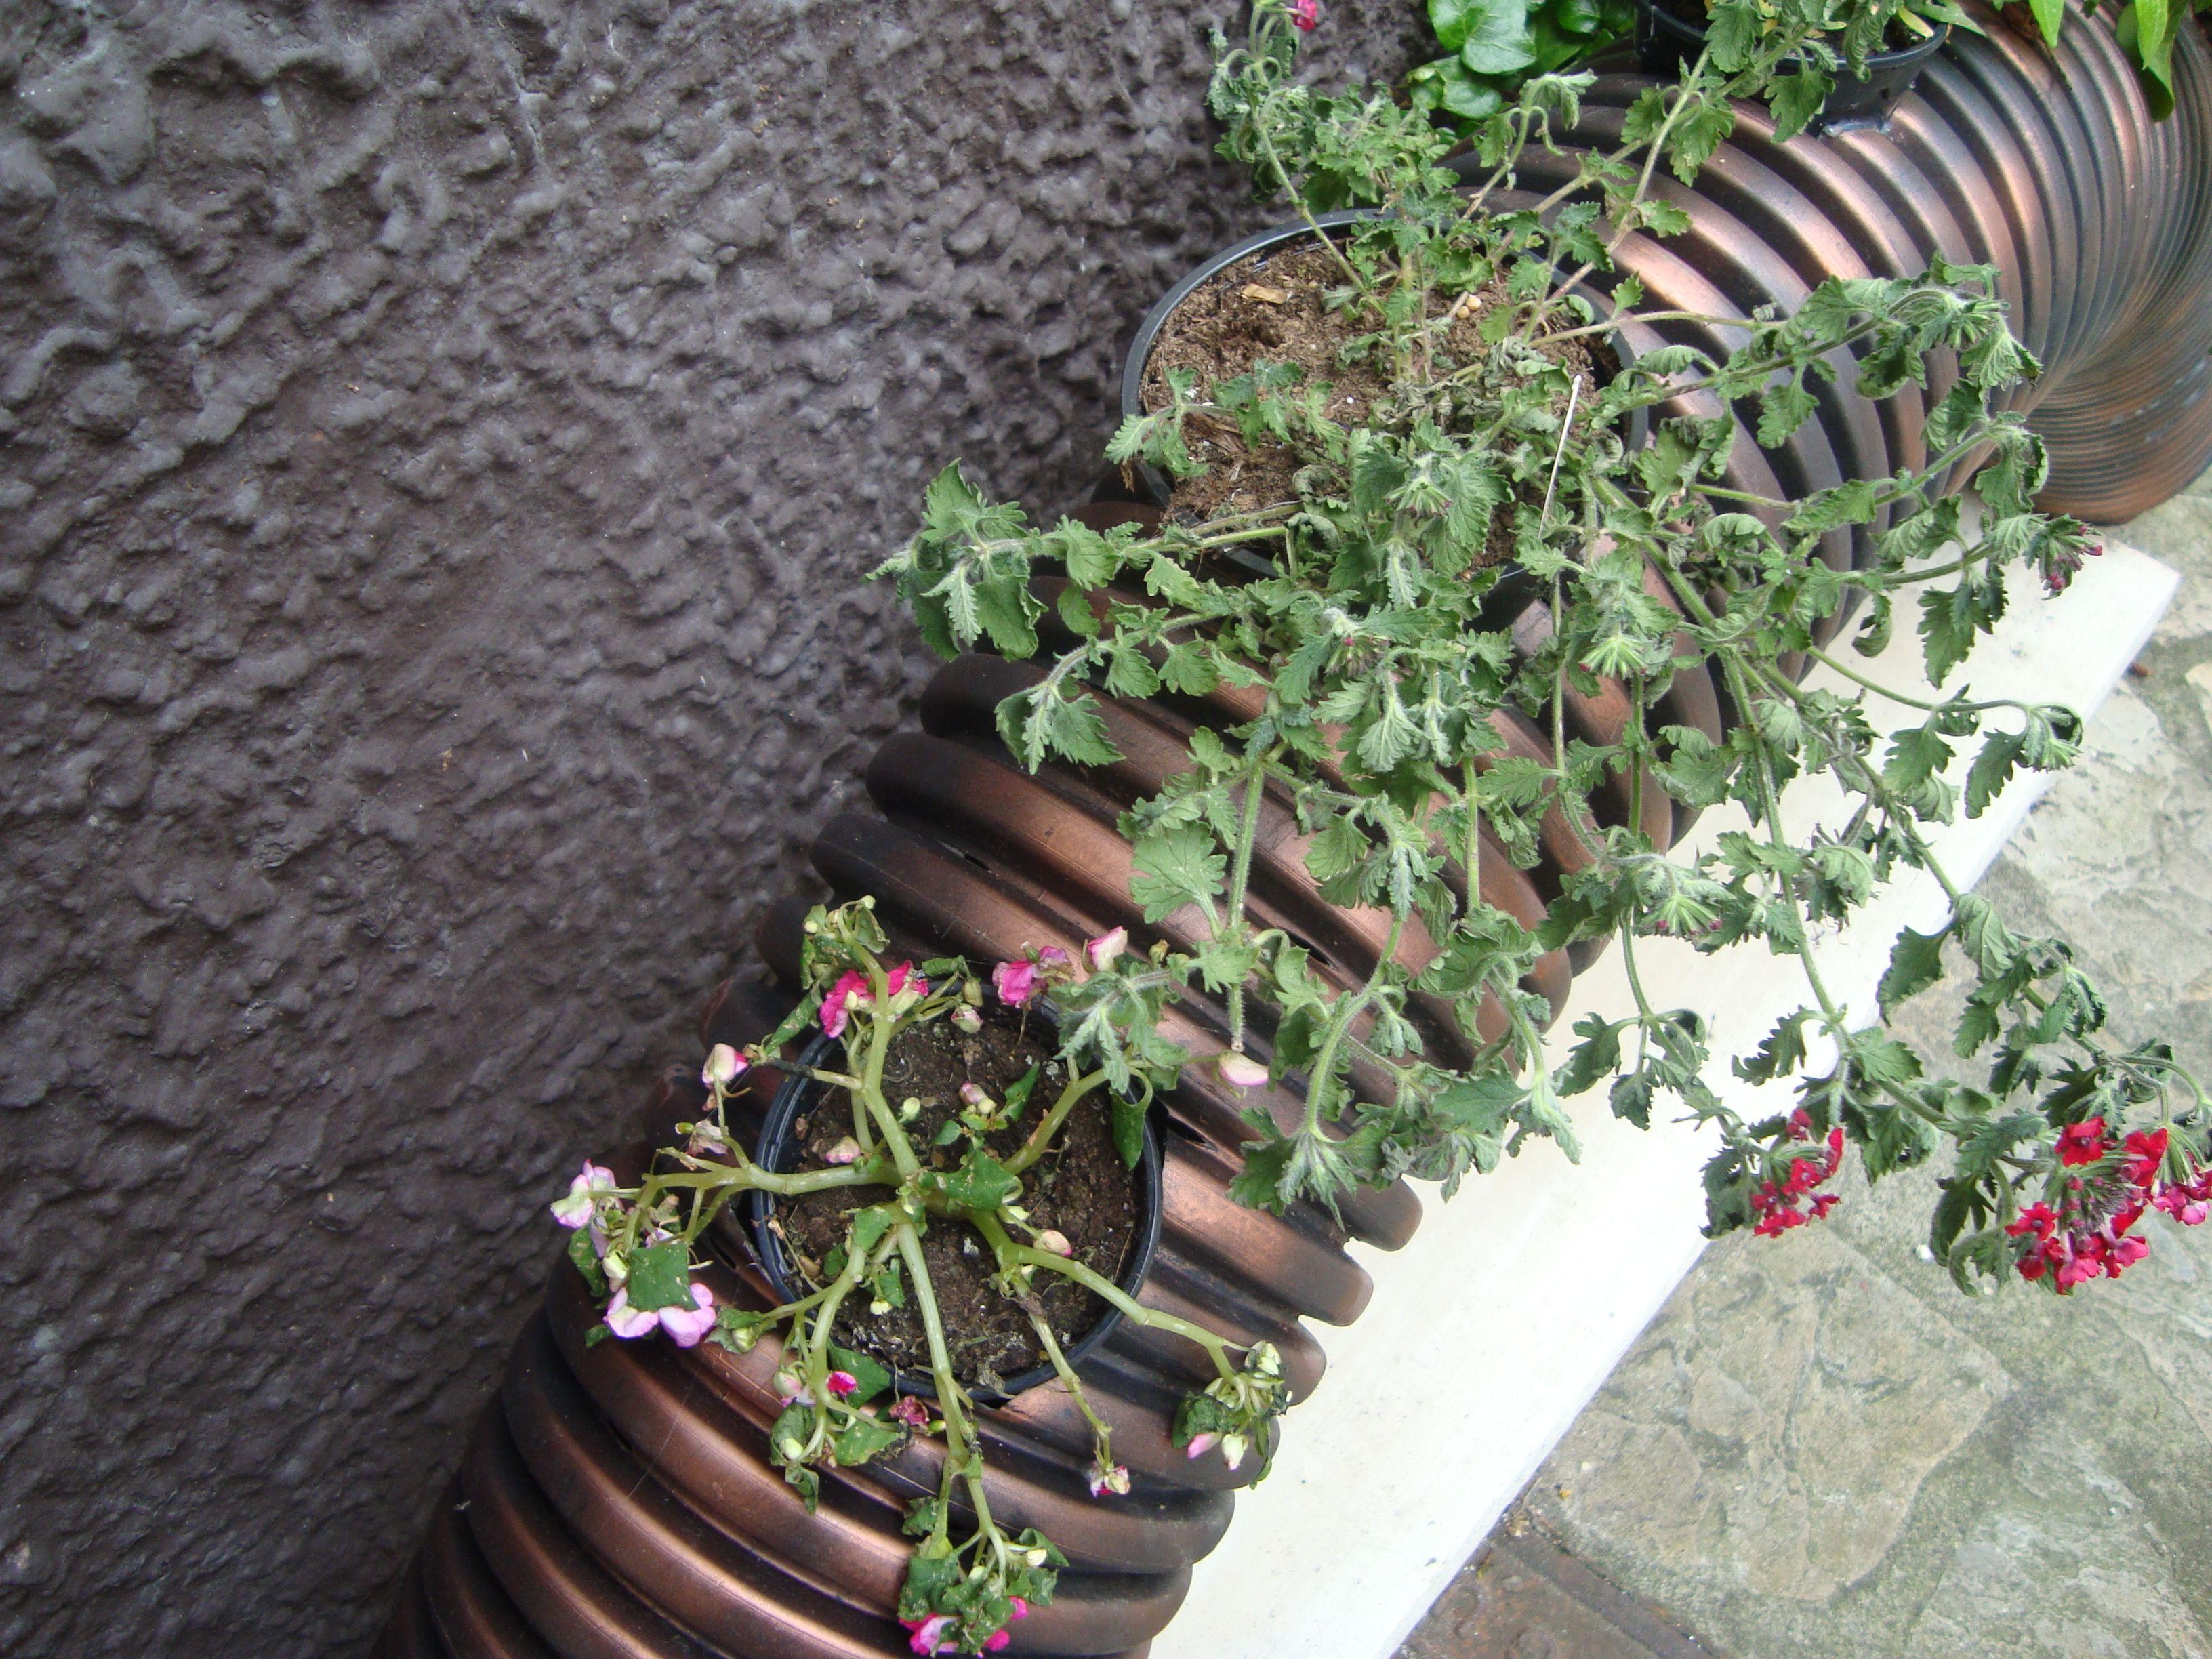 Jardines verticales con materiales reciclados buscar con for Jardines reciclados